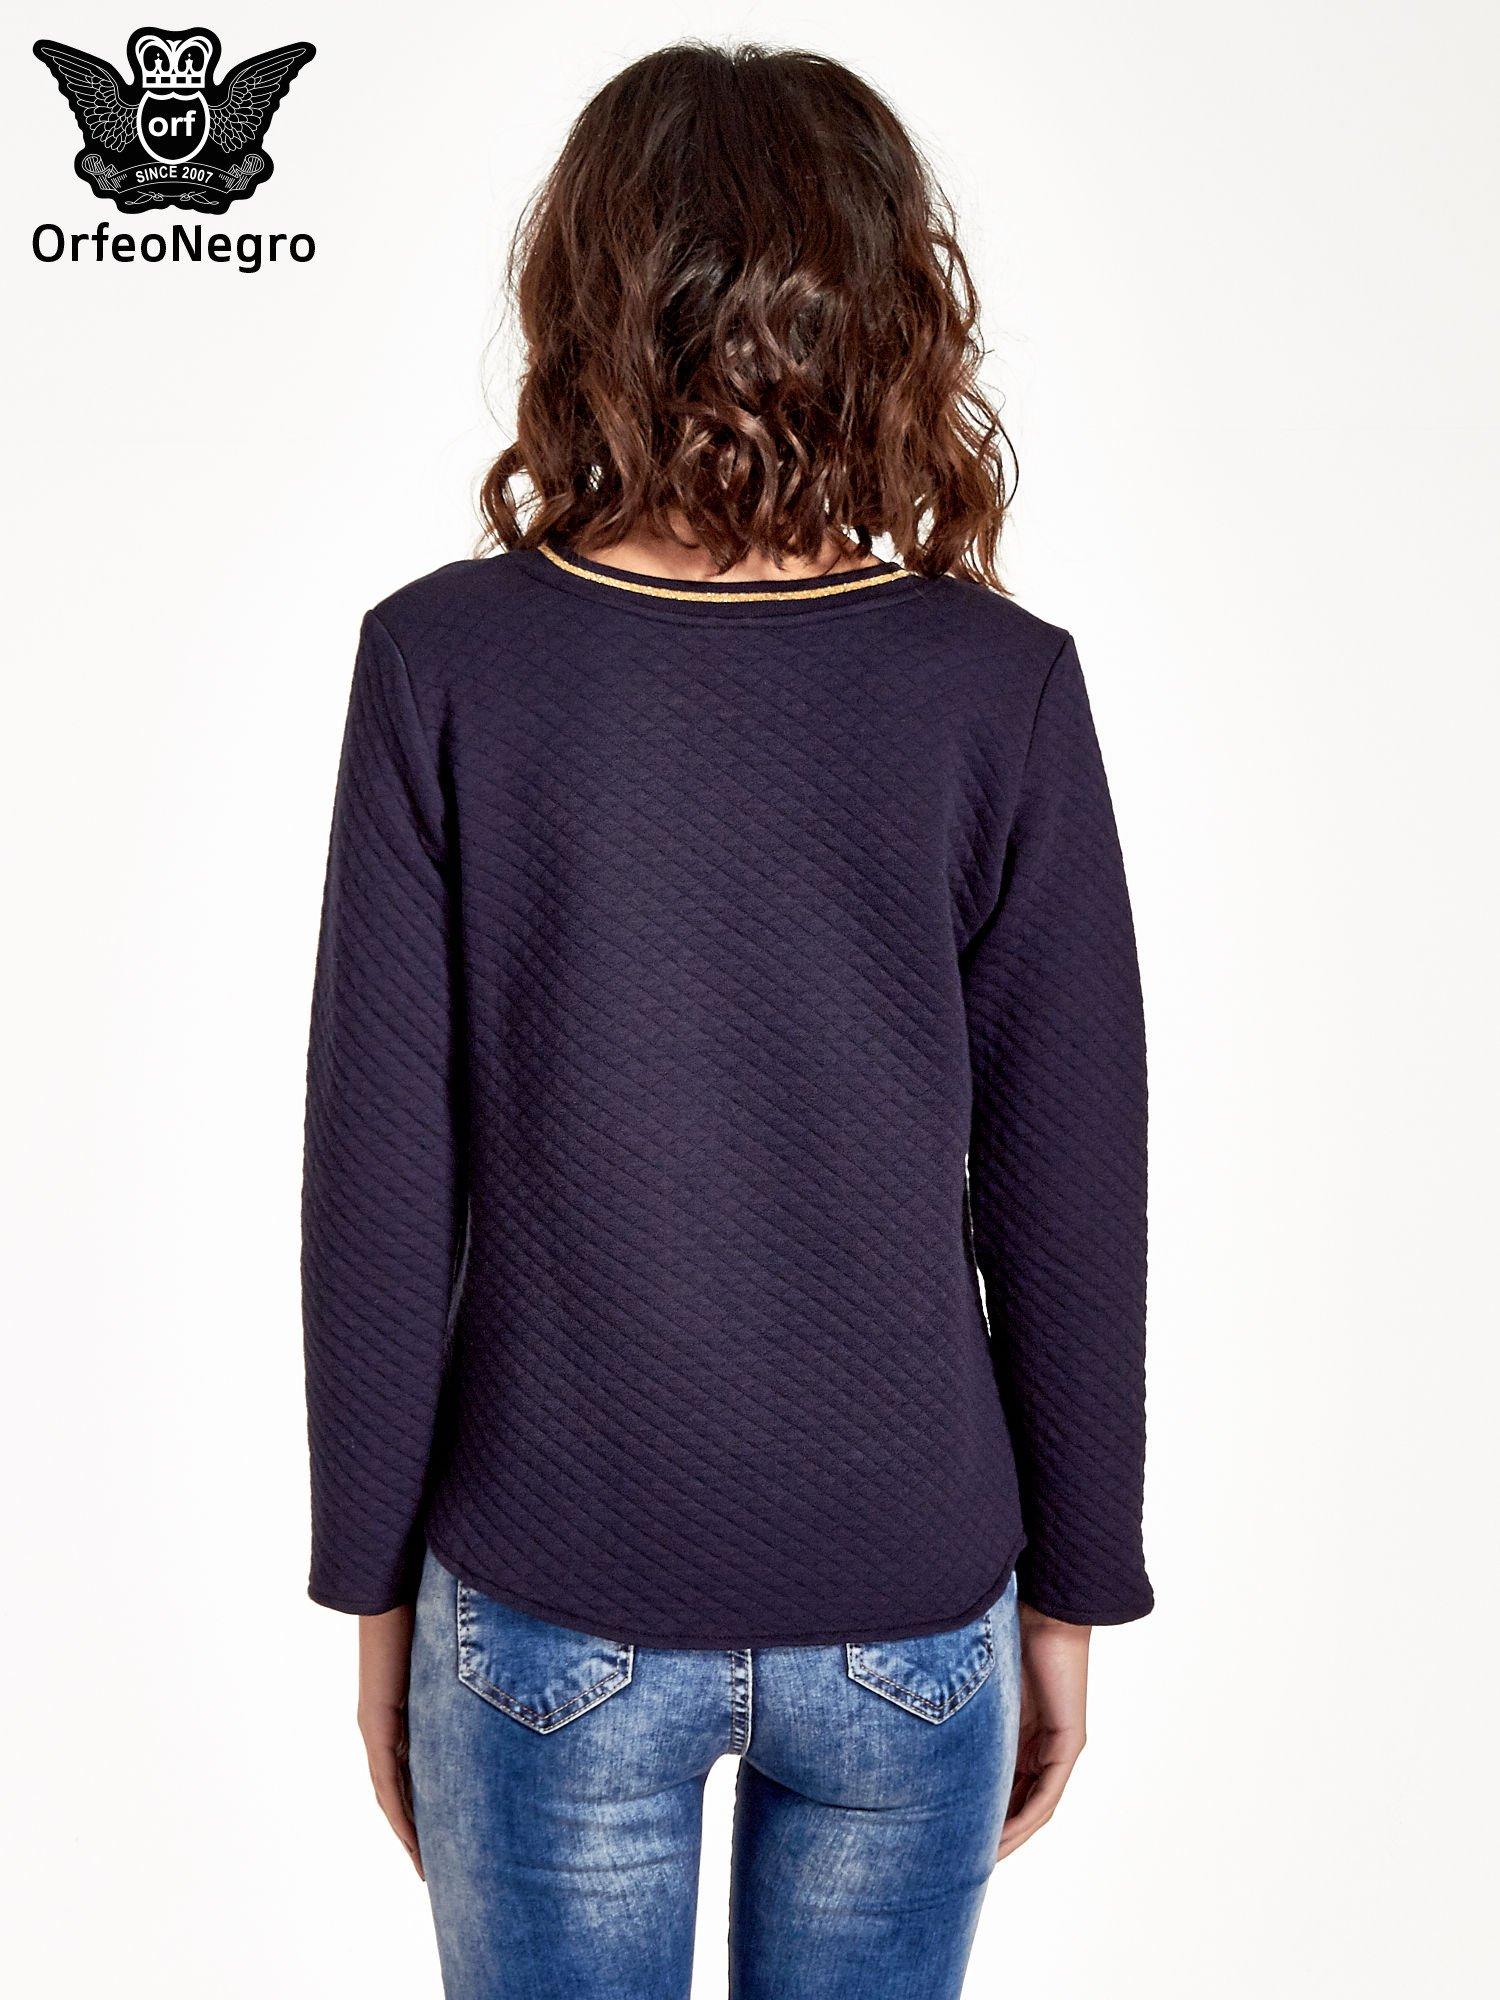 Granatowa pikowana bluza w stylu glamour ze złotym nadrukiem i lamówką                                  zdj.                                  2